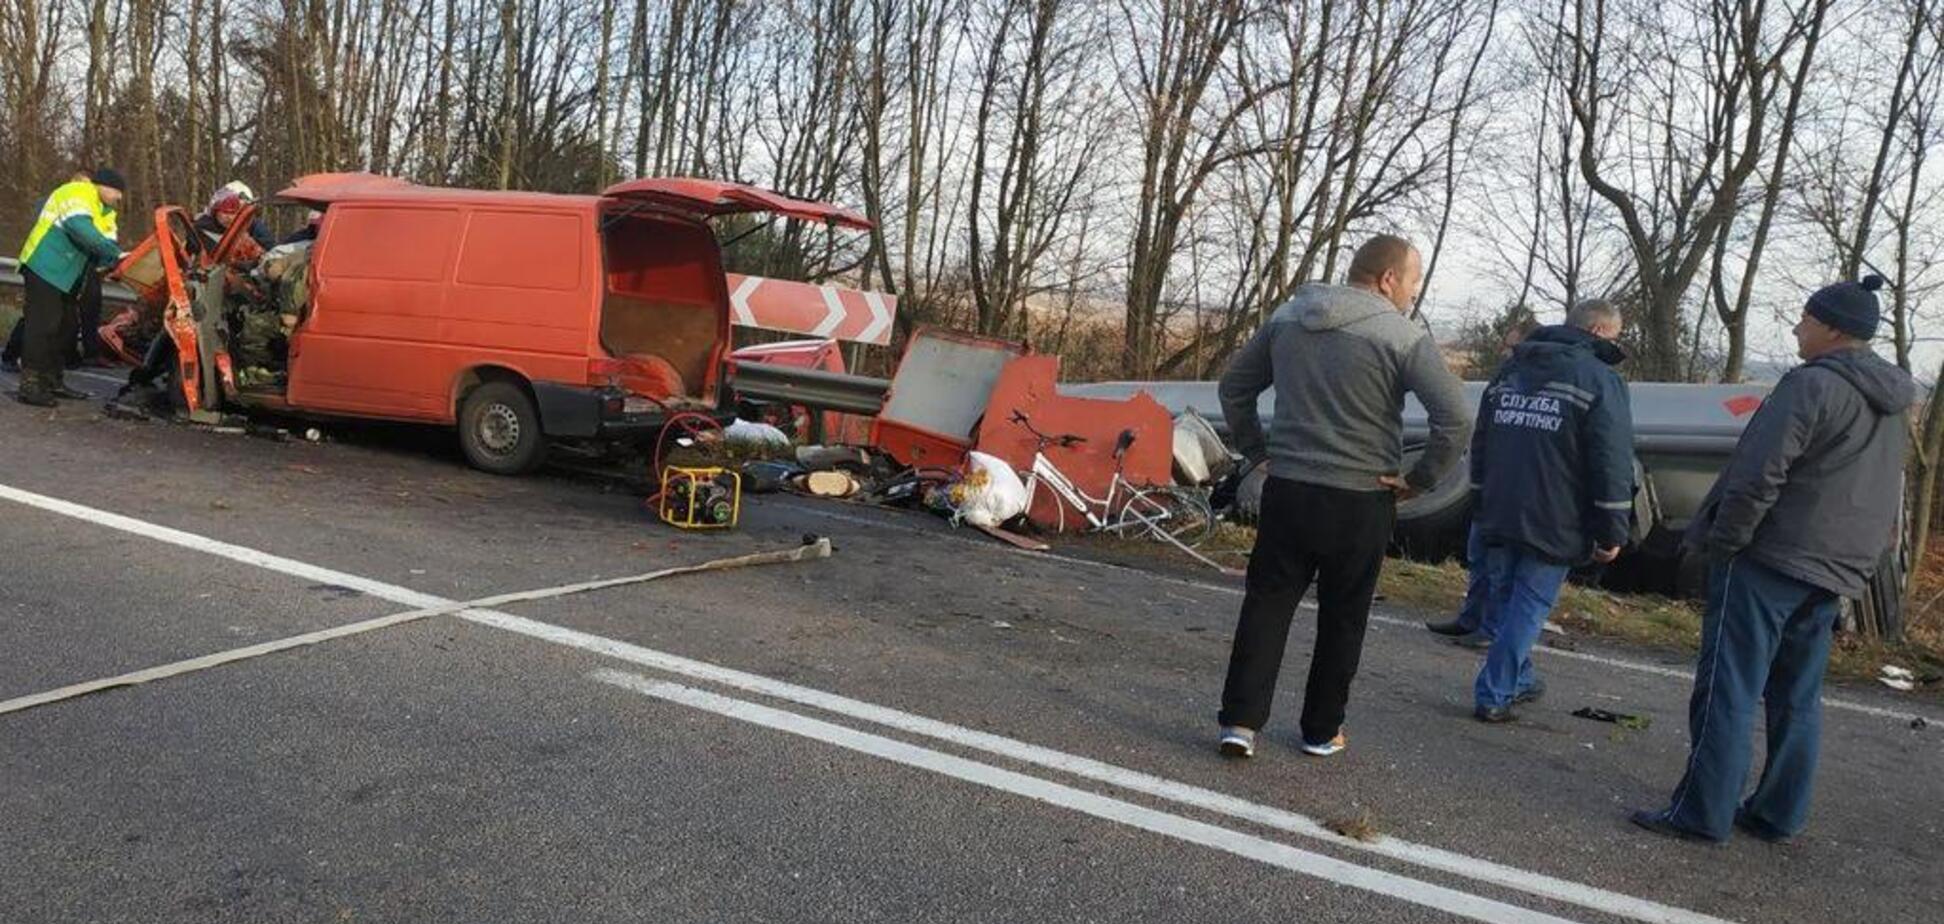 Під Рівним автобус влетів у вантажівку: є жертви. Перші кадри з місця ДТП